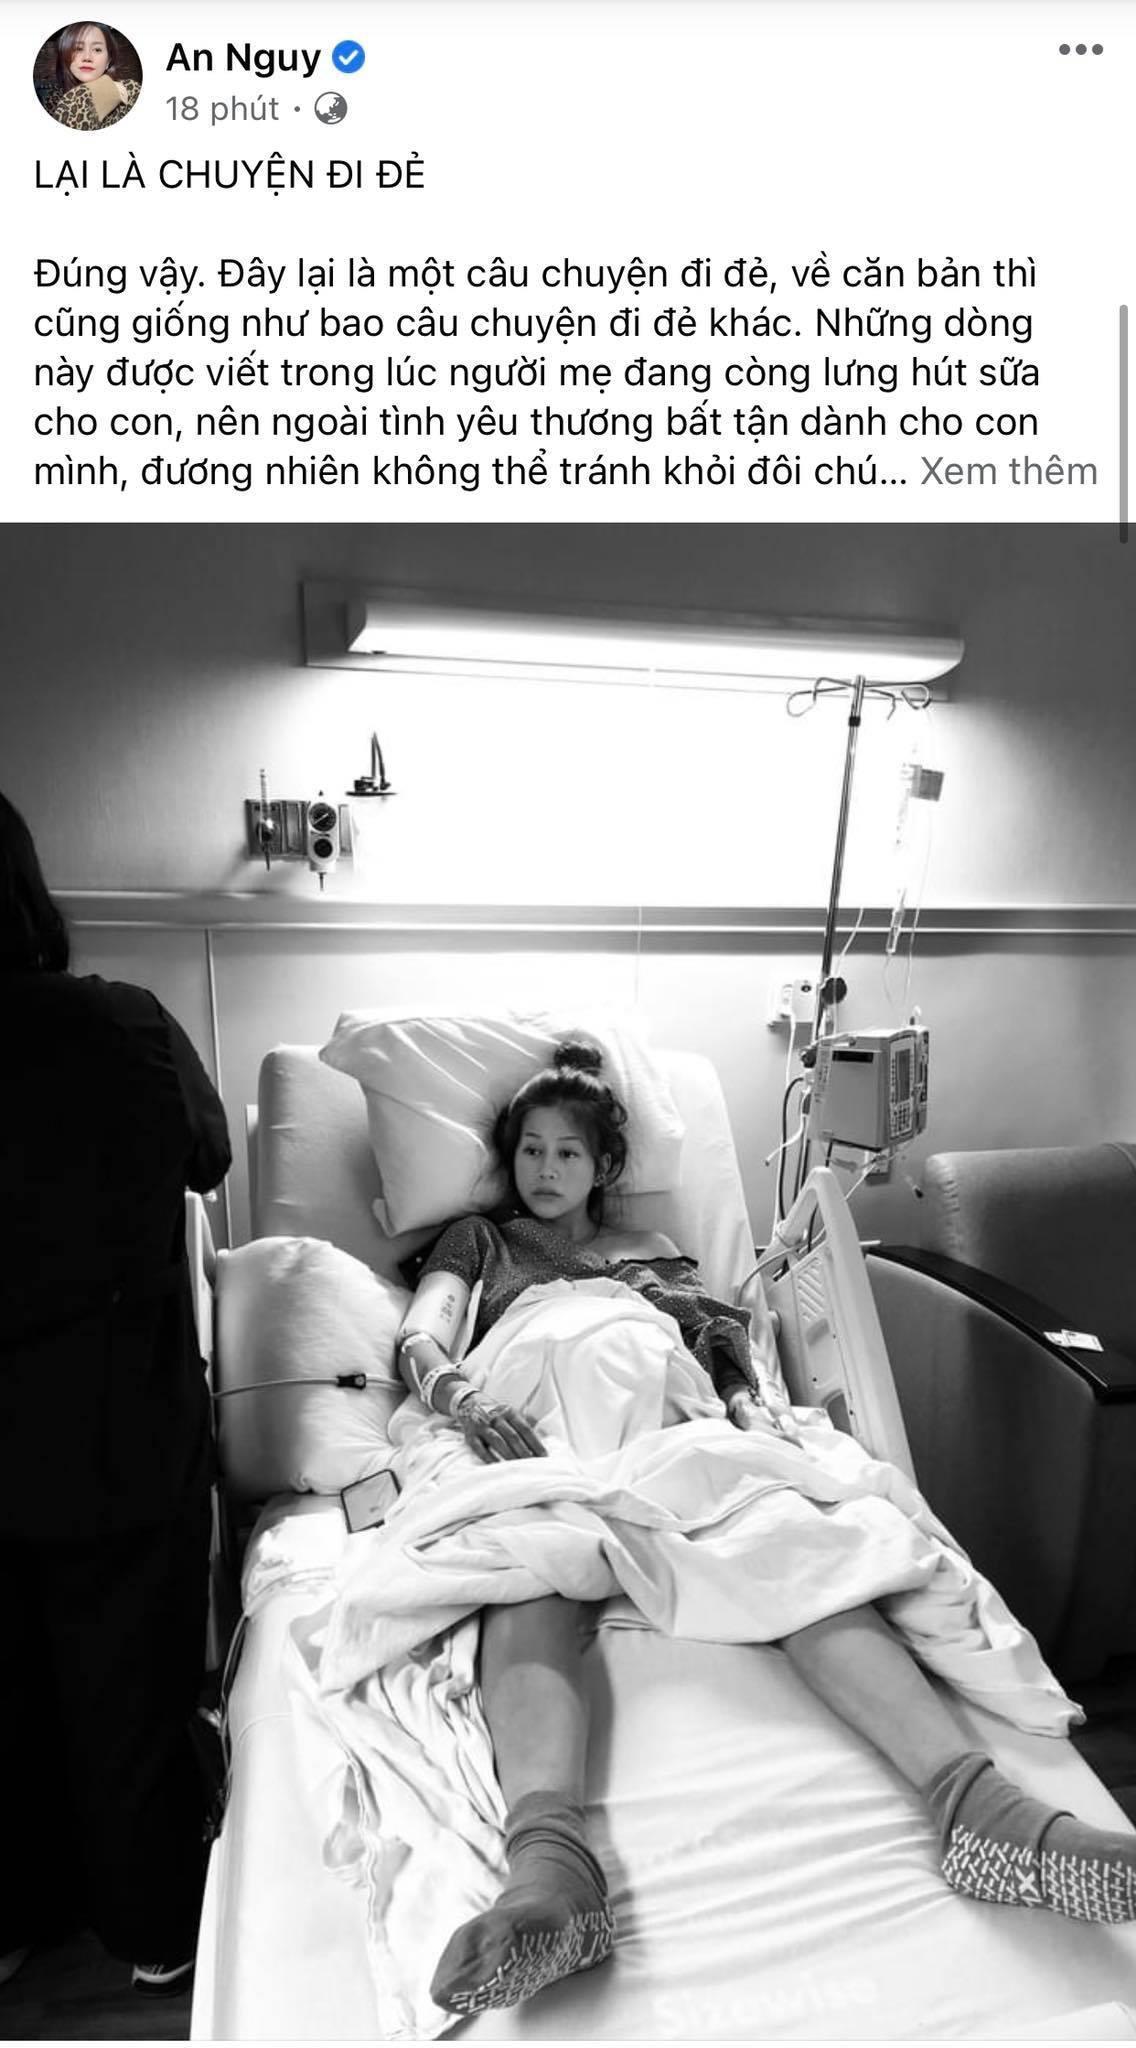 An Nguy xác nhận đã sinh con, kể chuyện 'lần đầu được bế em bé quá run chỉ sợ làm rớt con' Ảnh 1